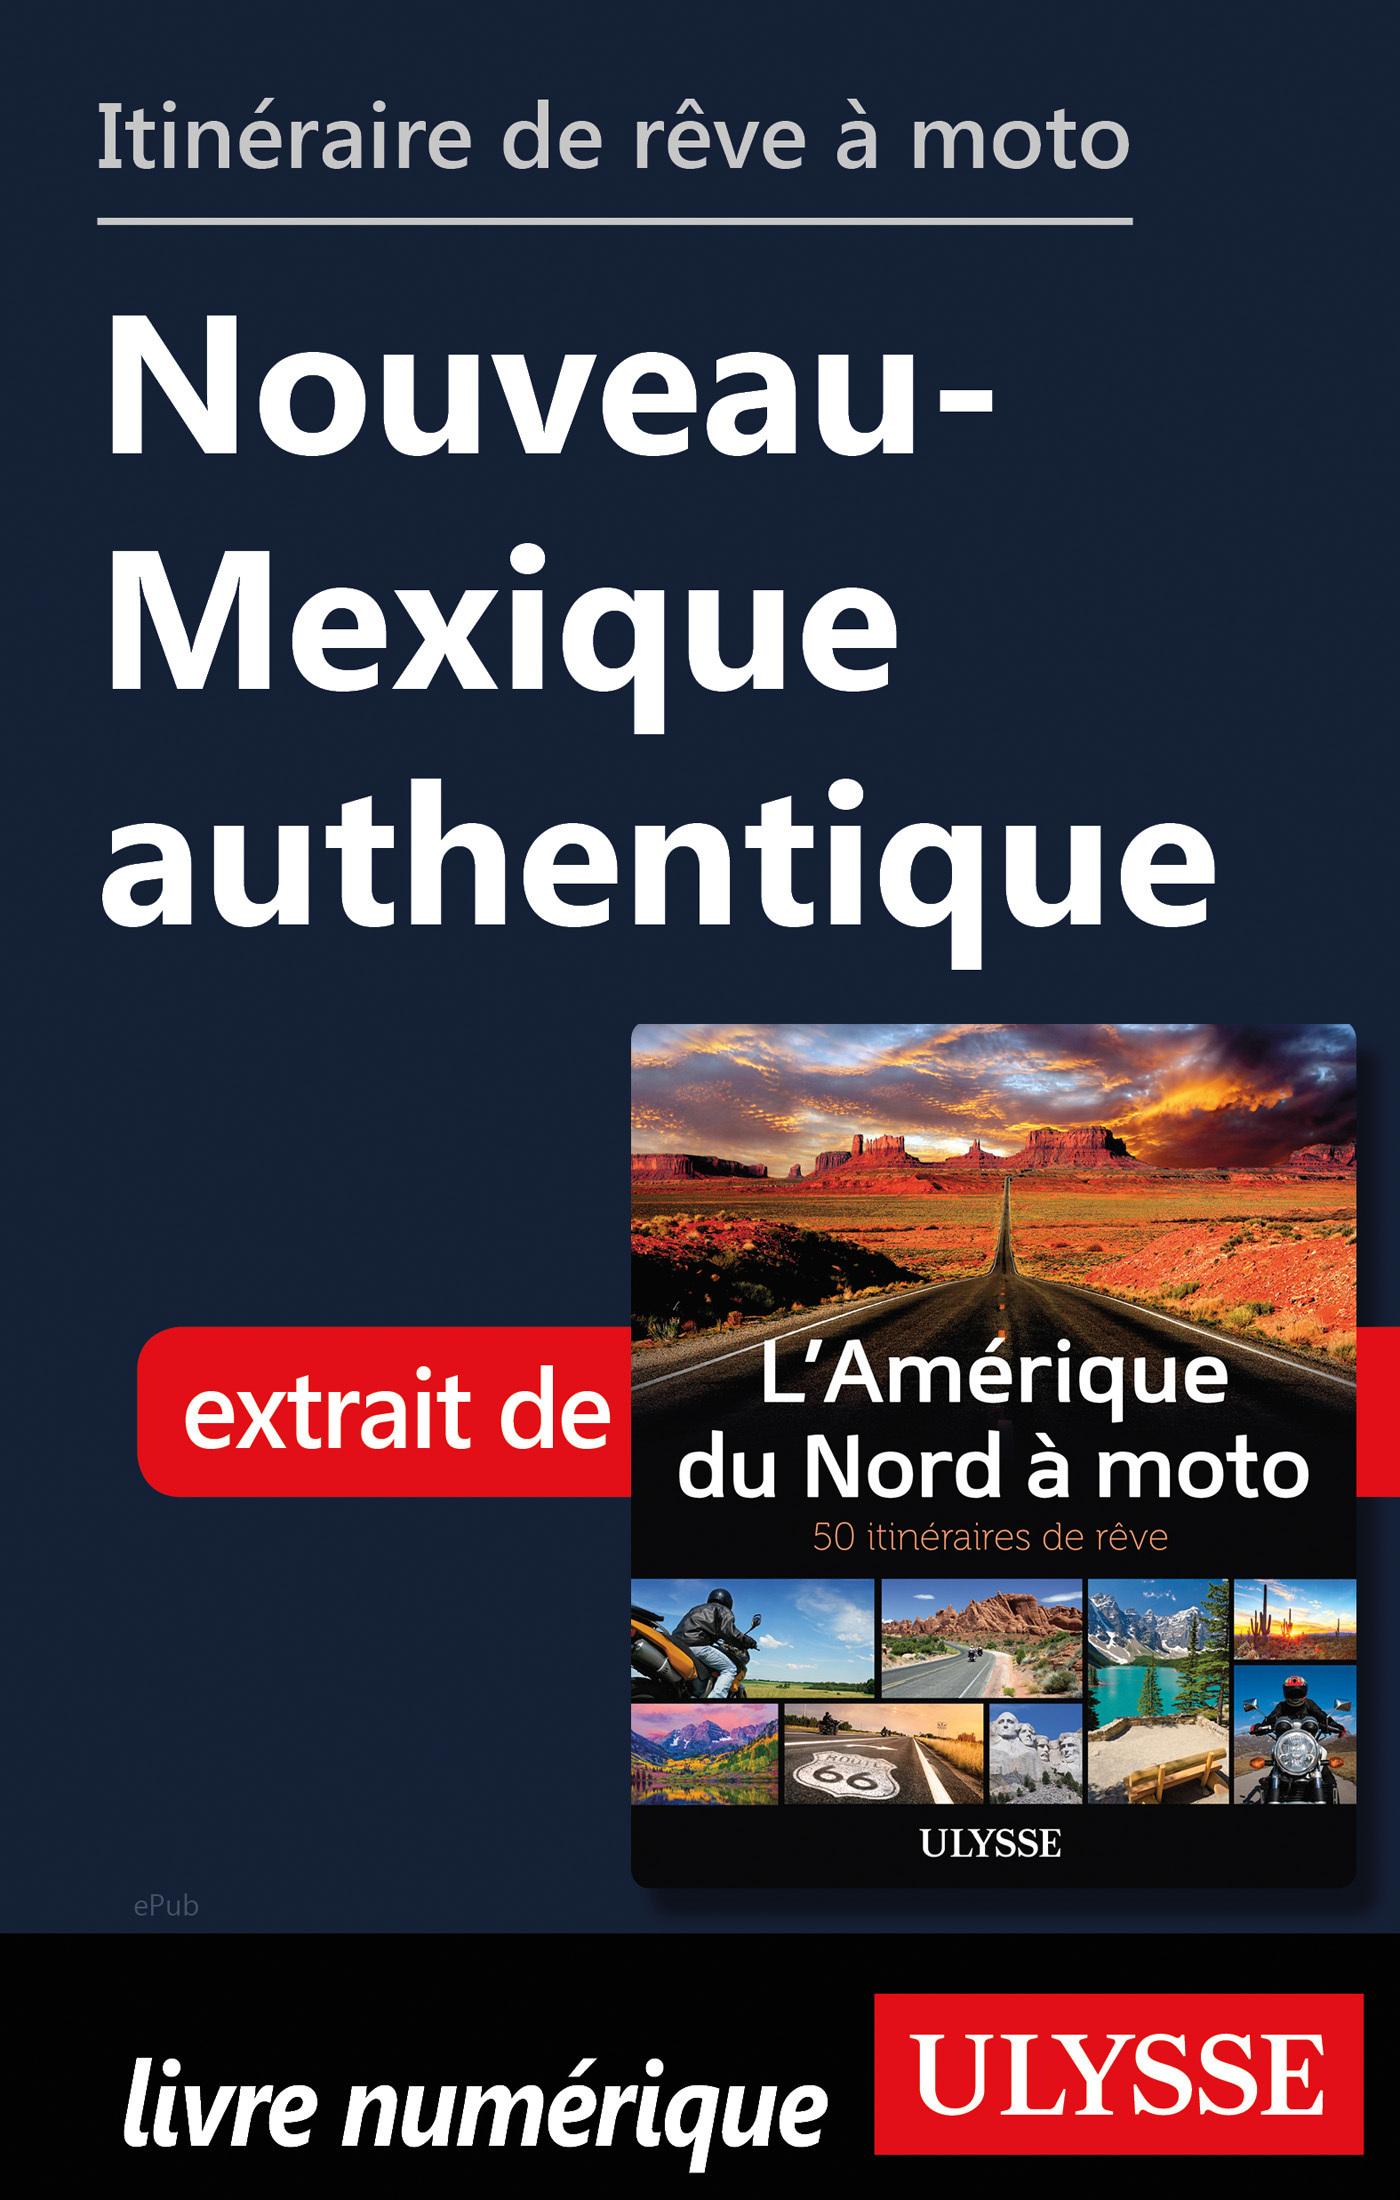 Itinéraire de rêve à moto - Nouveau-Mexique authentique